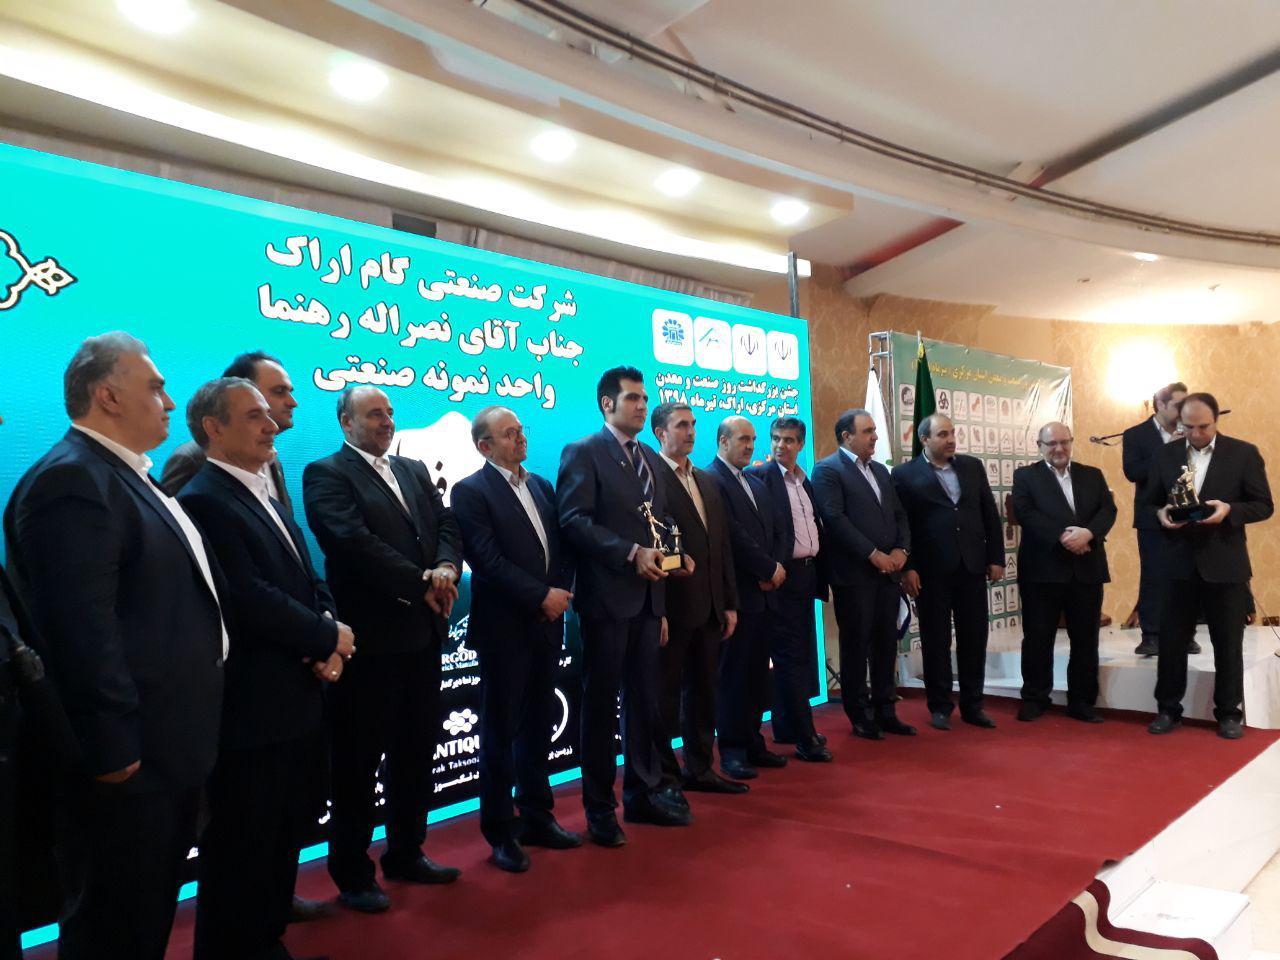 گزارش تصویری روز صنعت و معدن استان مرکزی